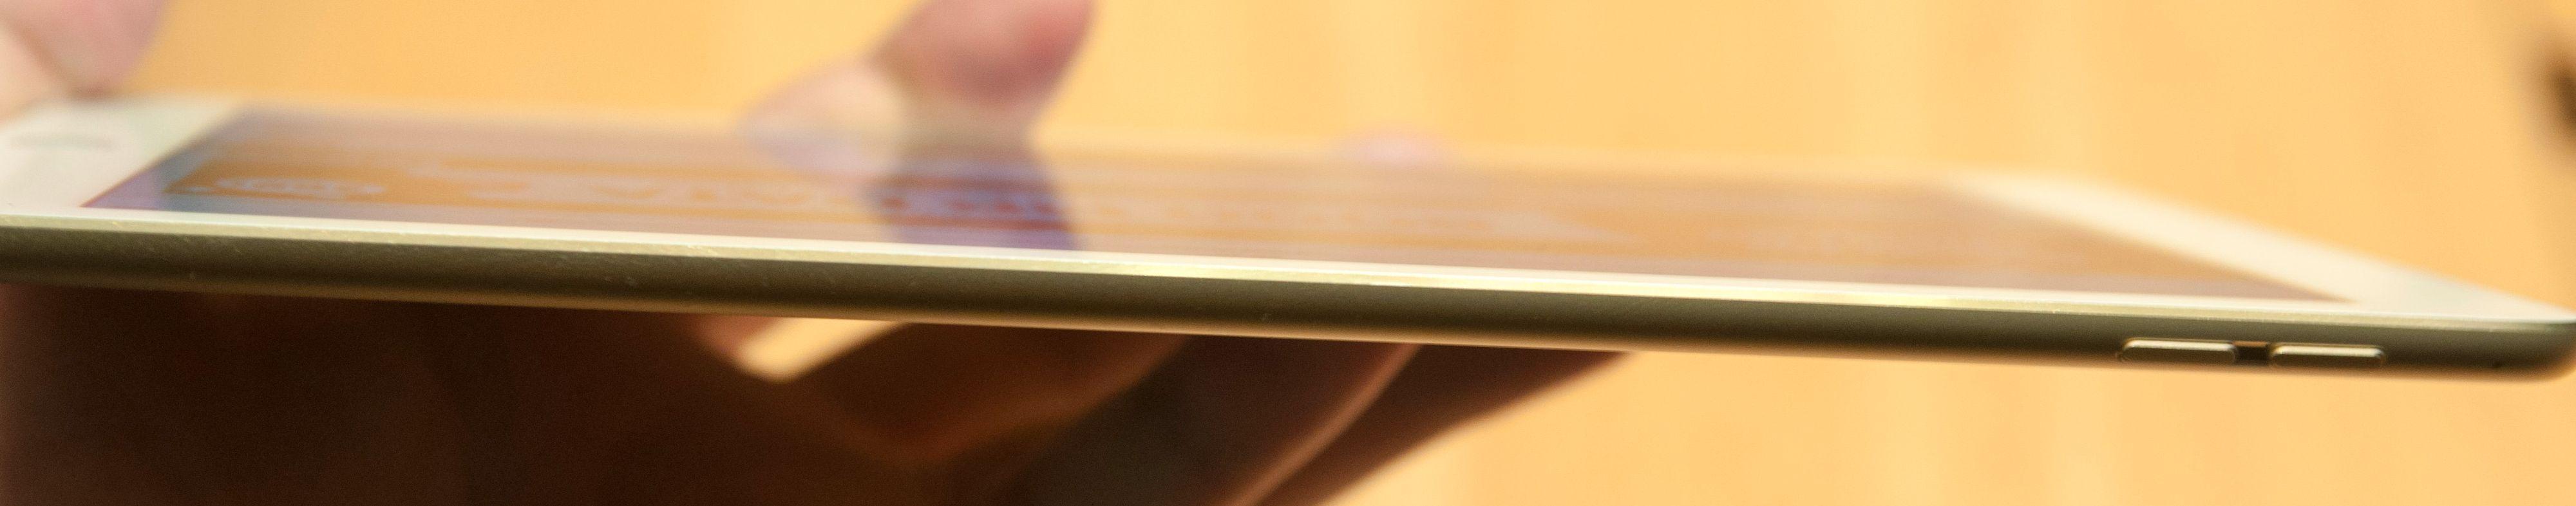 Det nye nettbrettet er så tynt at det knapt er synlig i profil.Foto: Finn Jarle Kvalheim, Tek.no